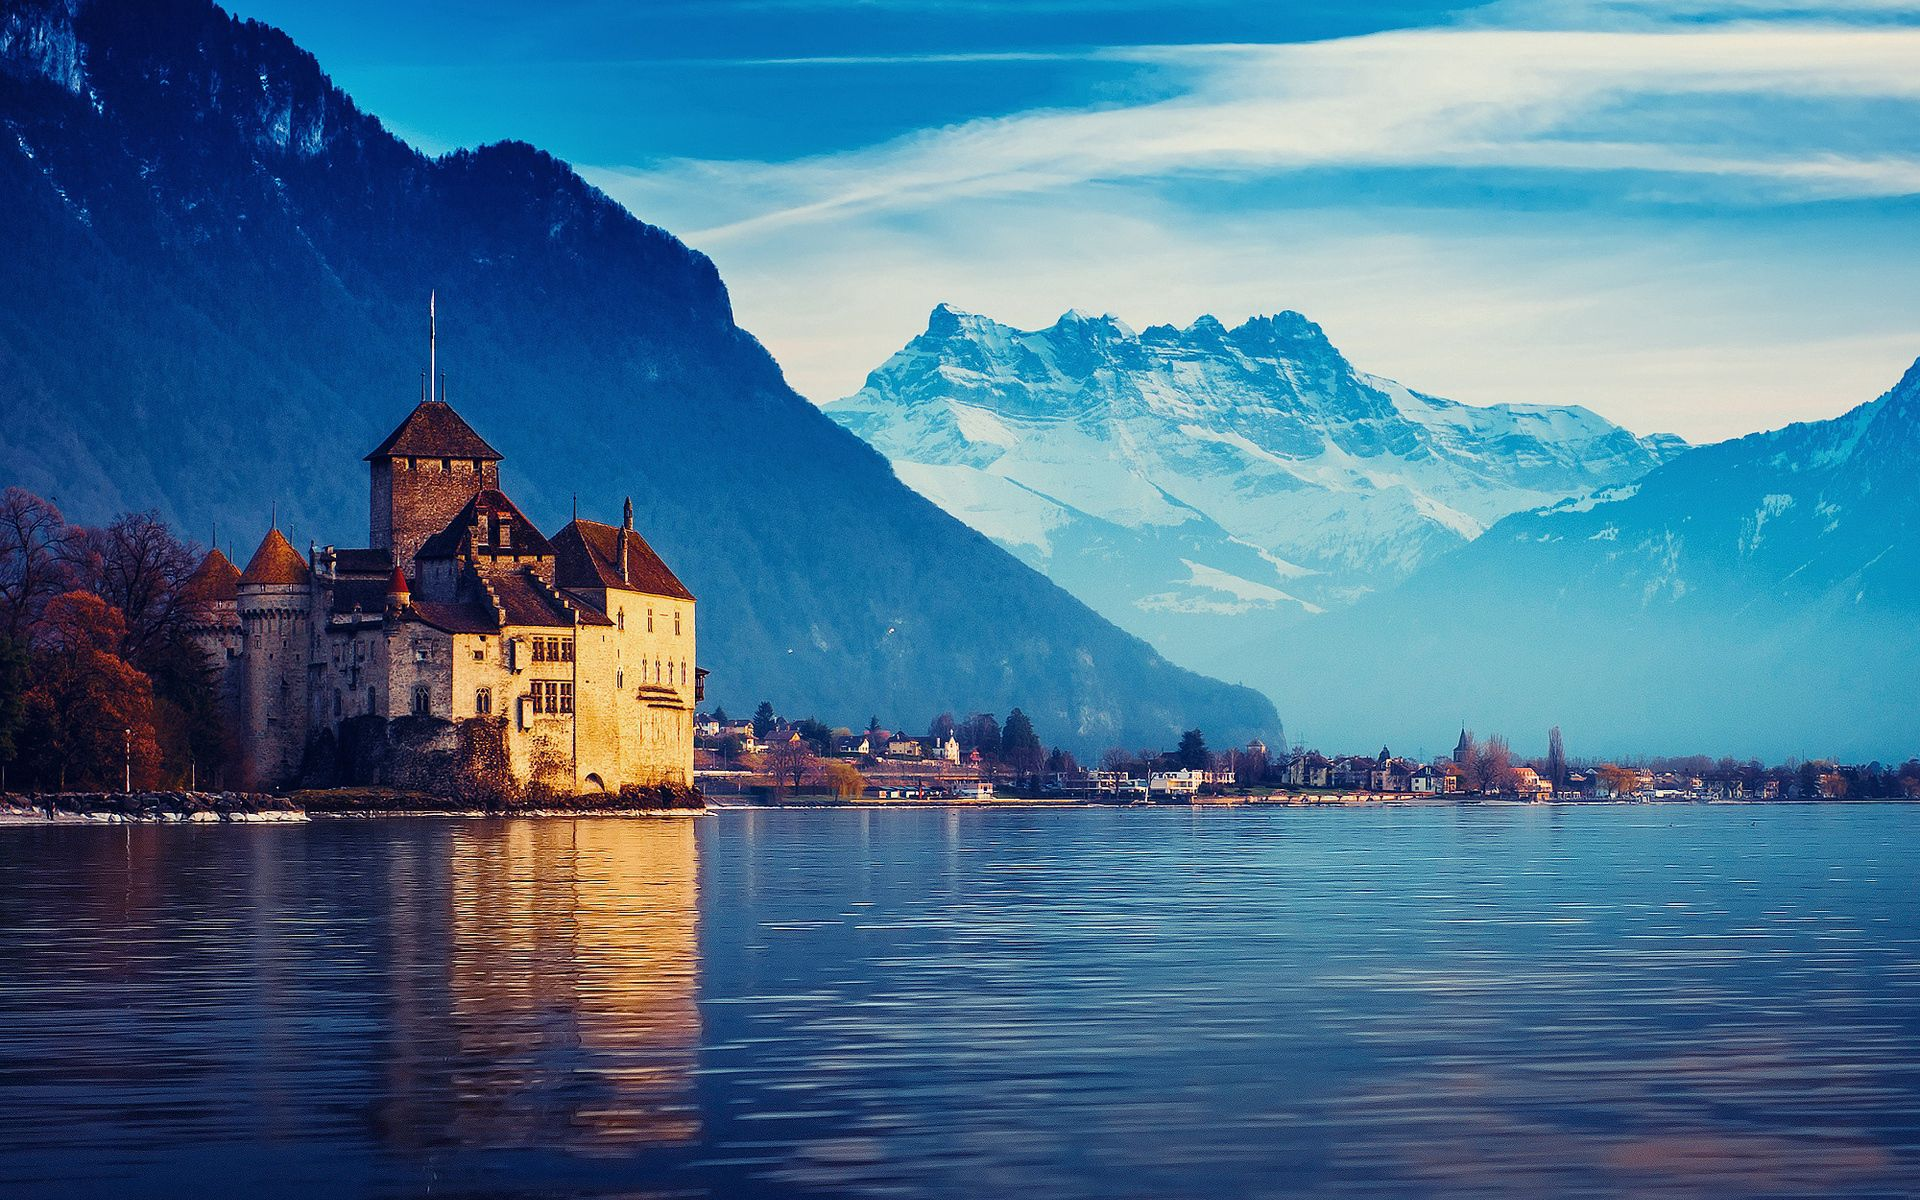 120123 скачать обои Швейцария, Города, Горы, Снег, Город, Женевское Озеро - заставки и картинки бесплатно